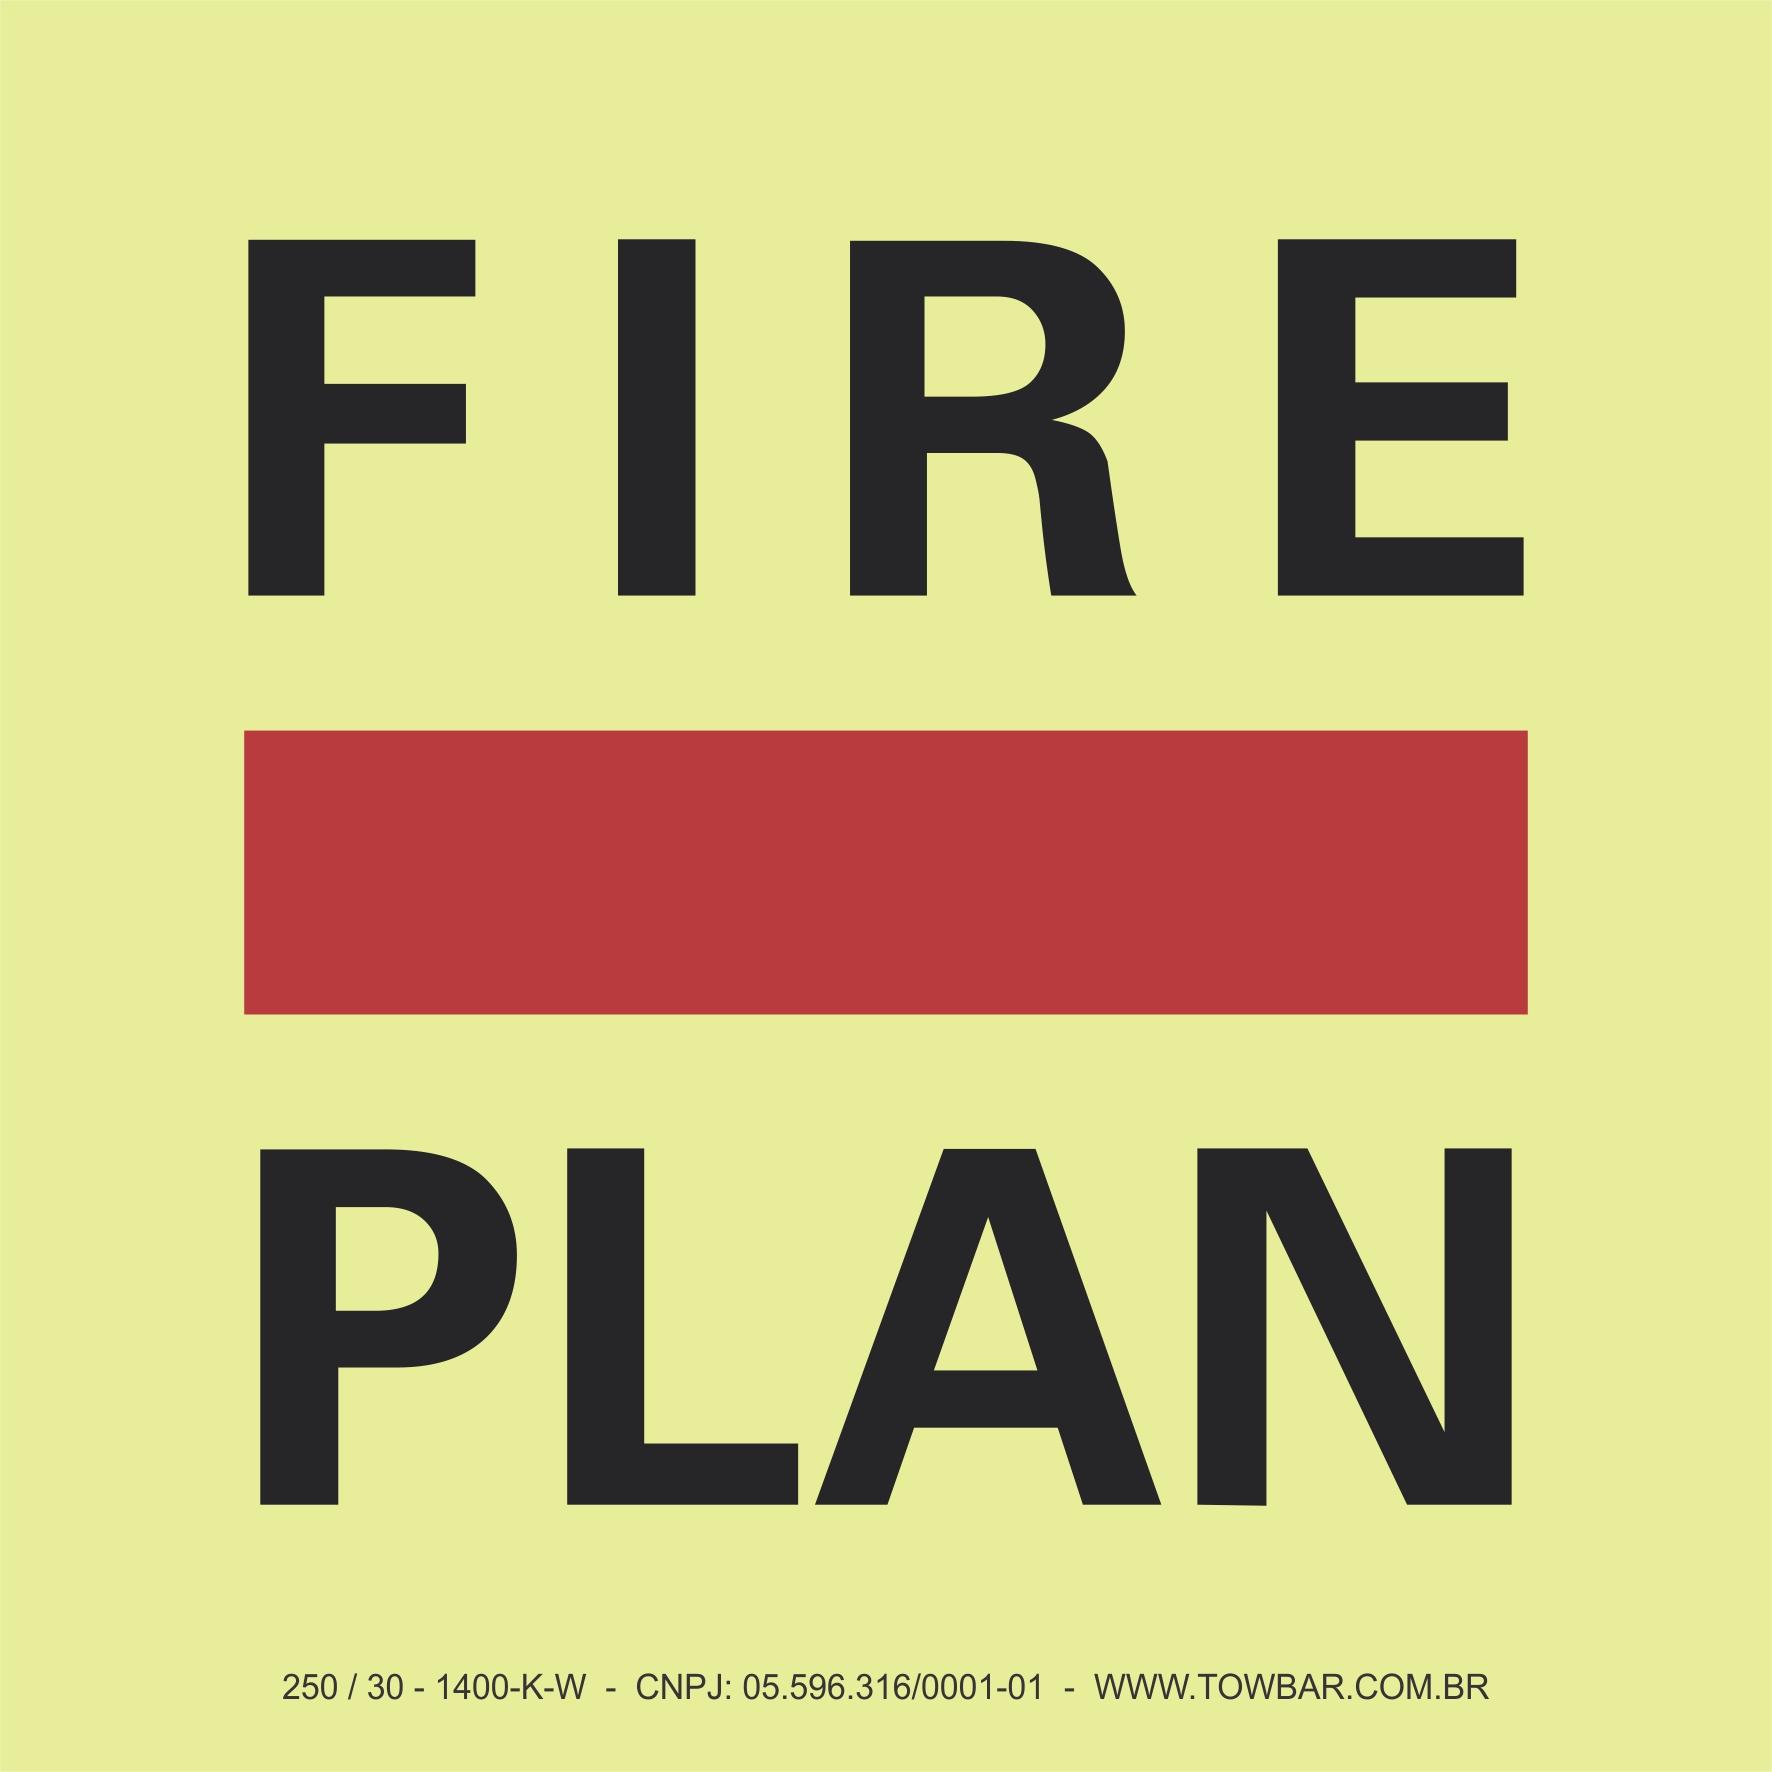 Fire Control Plan  - Towbar Sinalização de Segurança